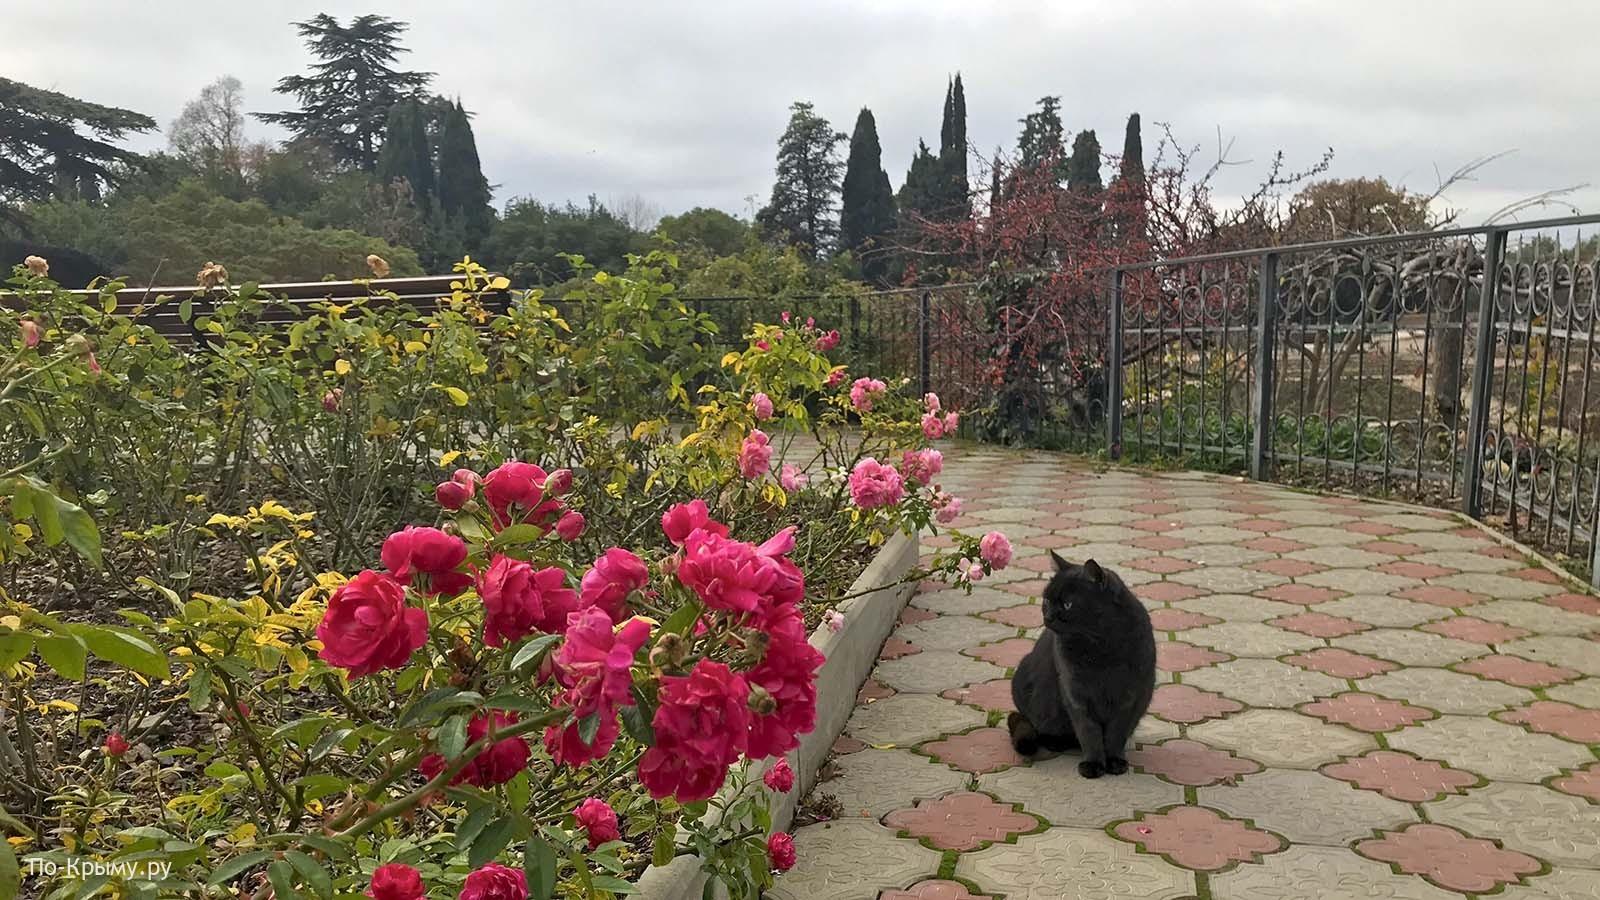 Розы и котики Никитского ботанического сада